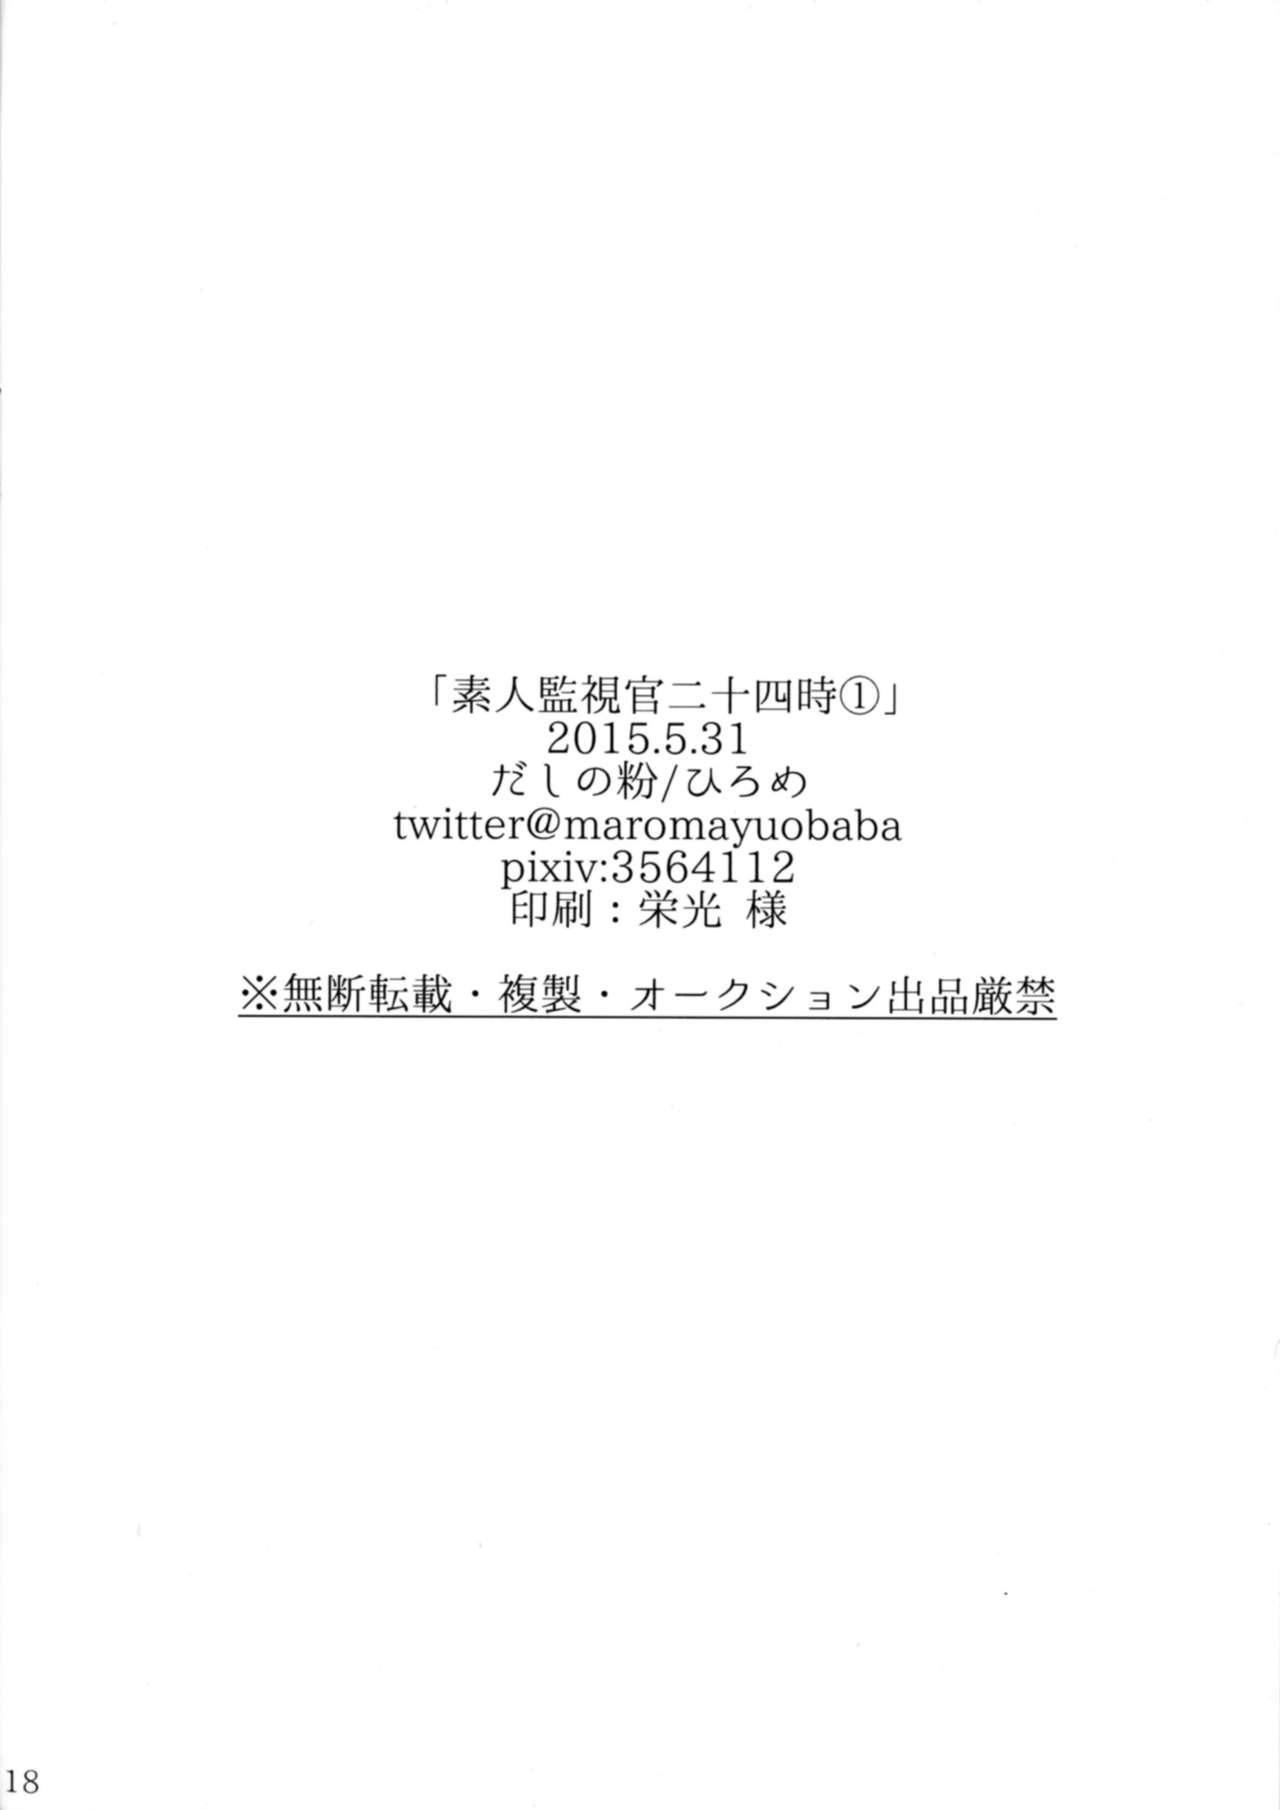 Shirouto Kanshikan Nijuuyoji 1 | The new inspector 1 17